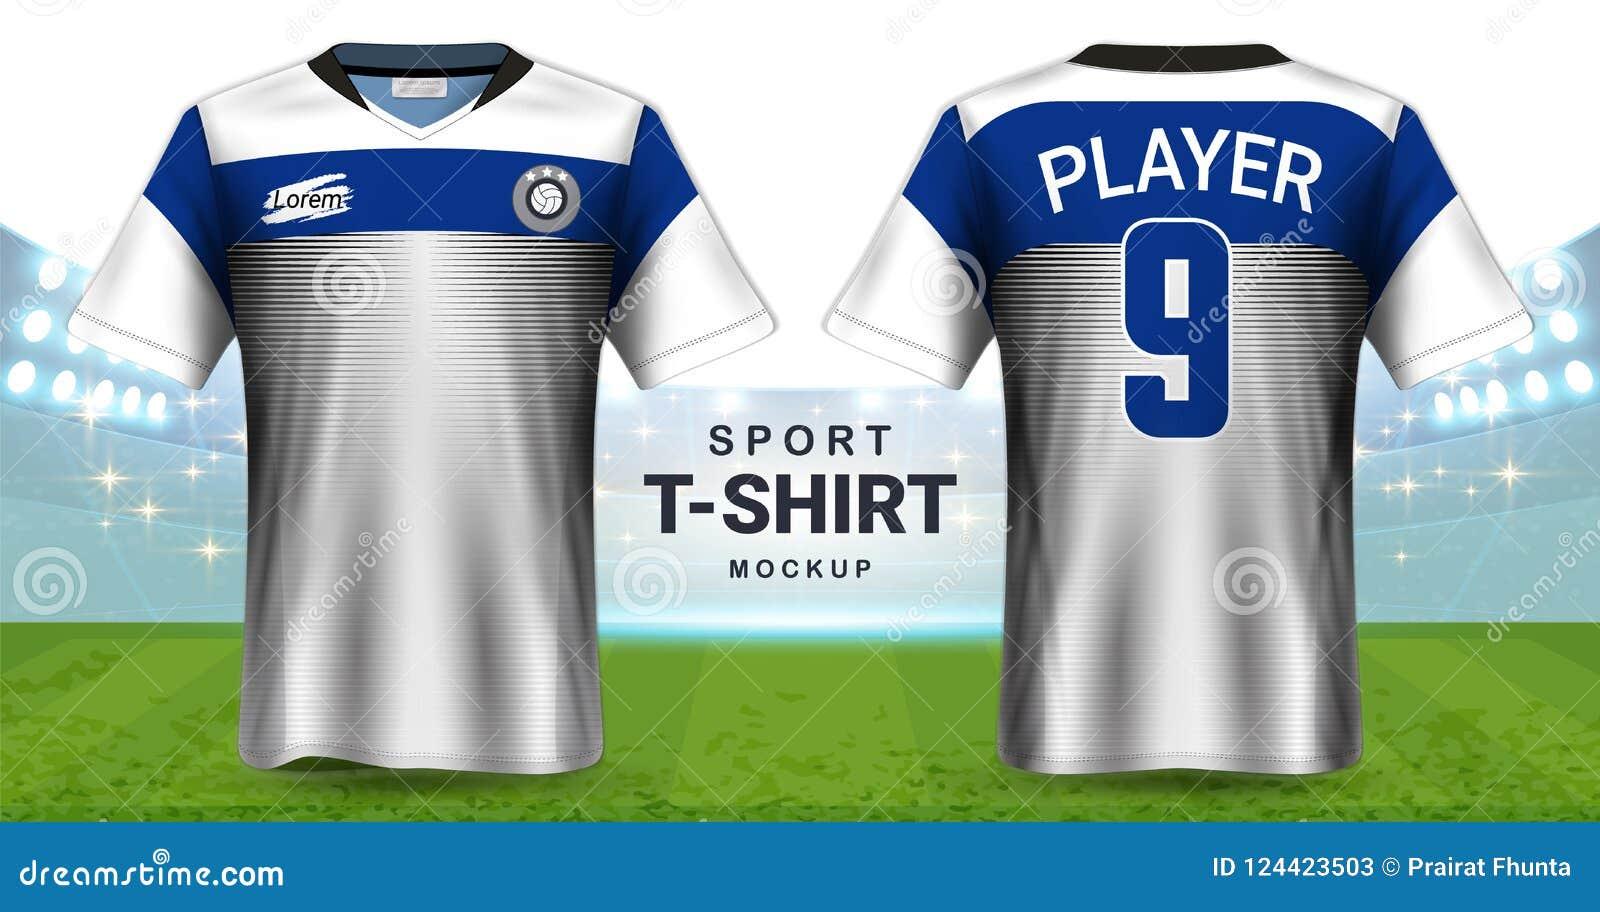 Jérsei de futebol e molde do modelo do t-shirt do Sportswear, opinião dianteira e traseira de projeto gráfico realístico para o f